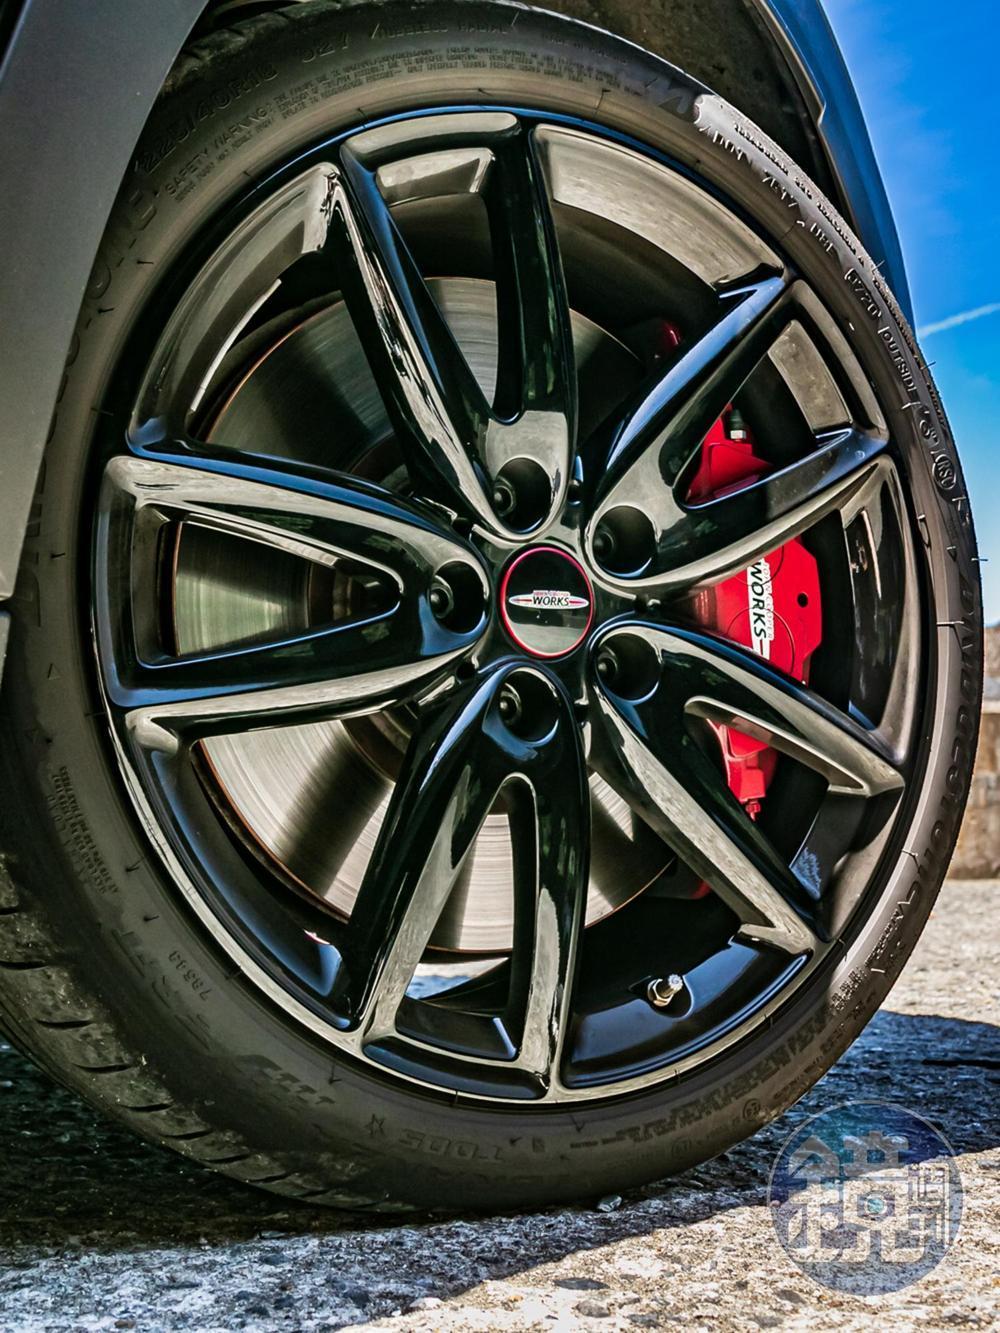 標配全新JCW Grip Spoke 5 輻雙肋飾造型黑色鋁圈,而且還選配「JCW 懸浮式定軸輪圈蓋」。